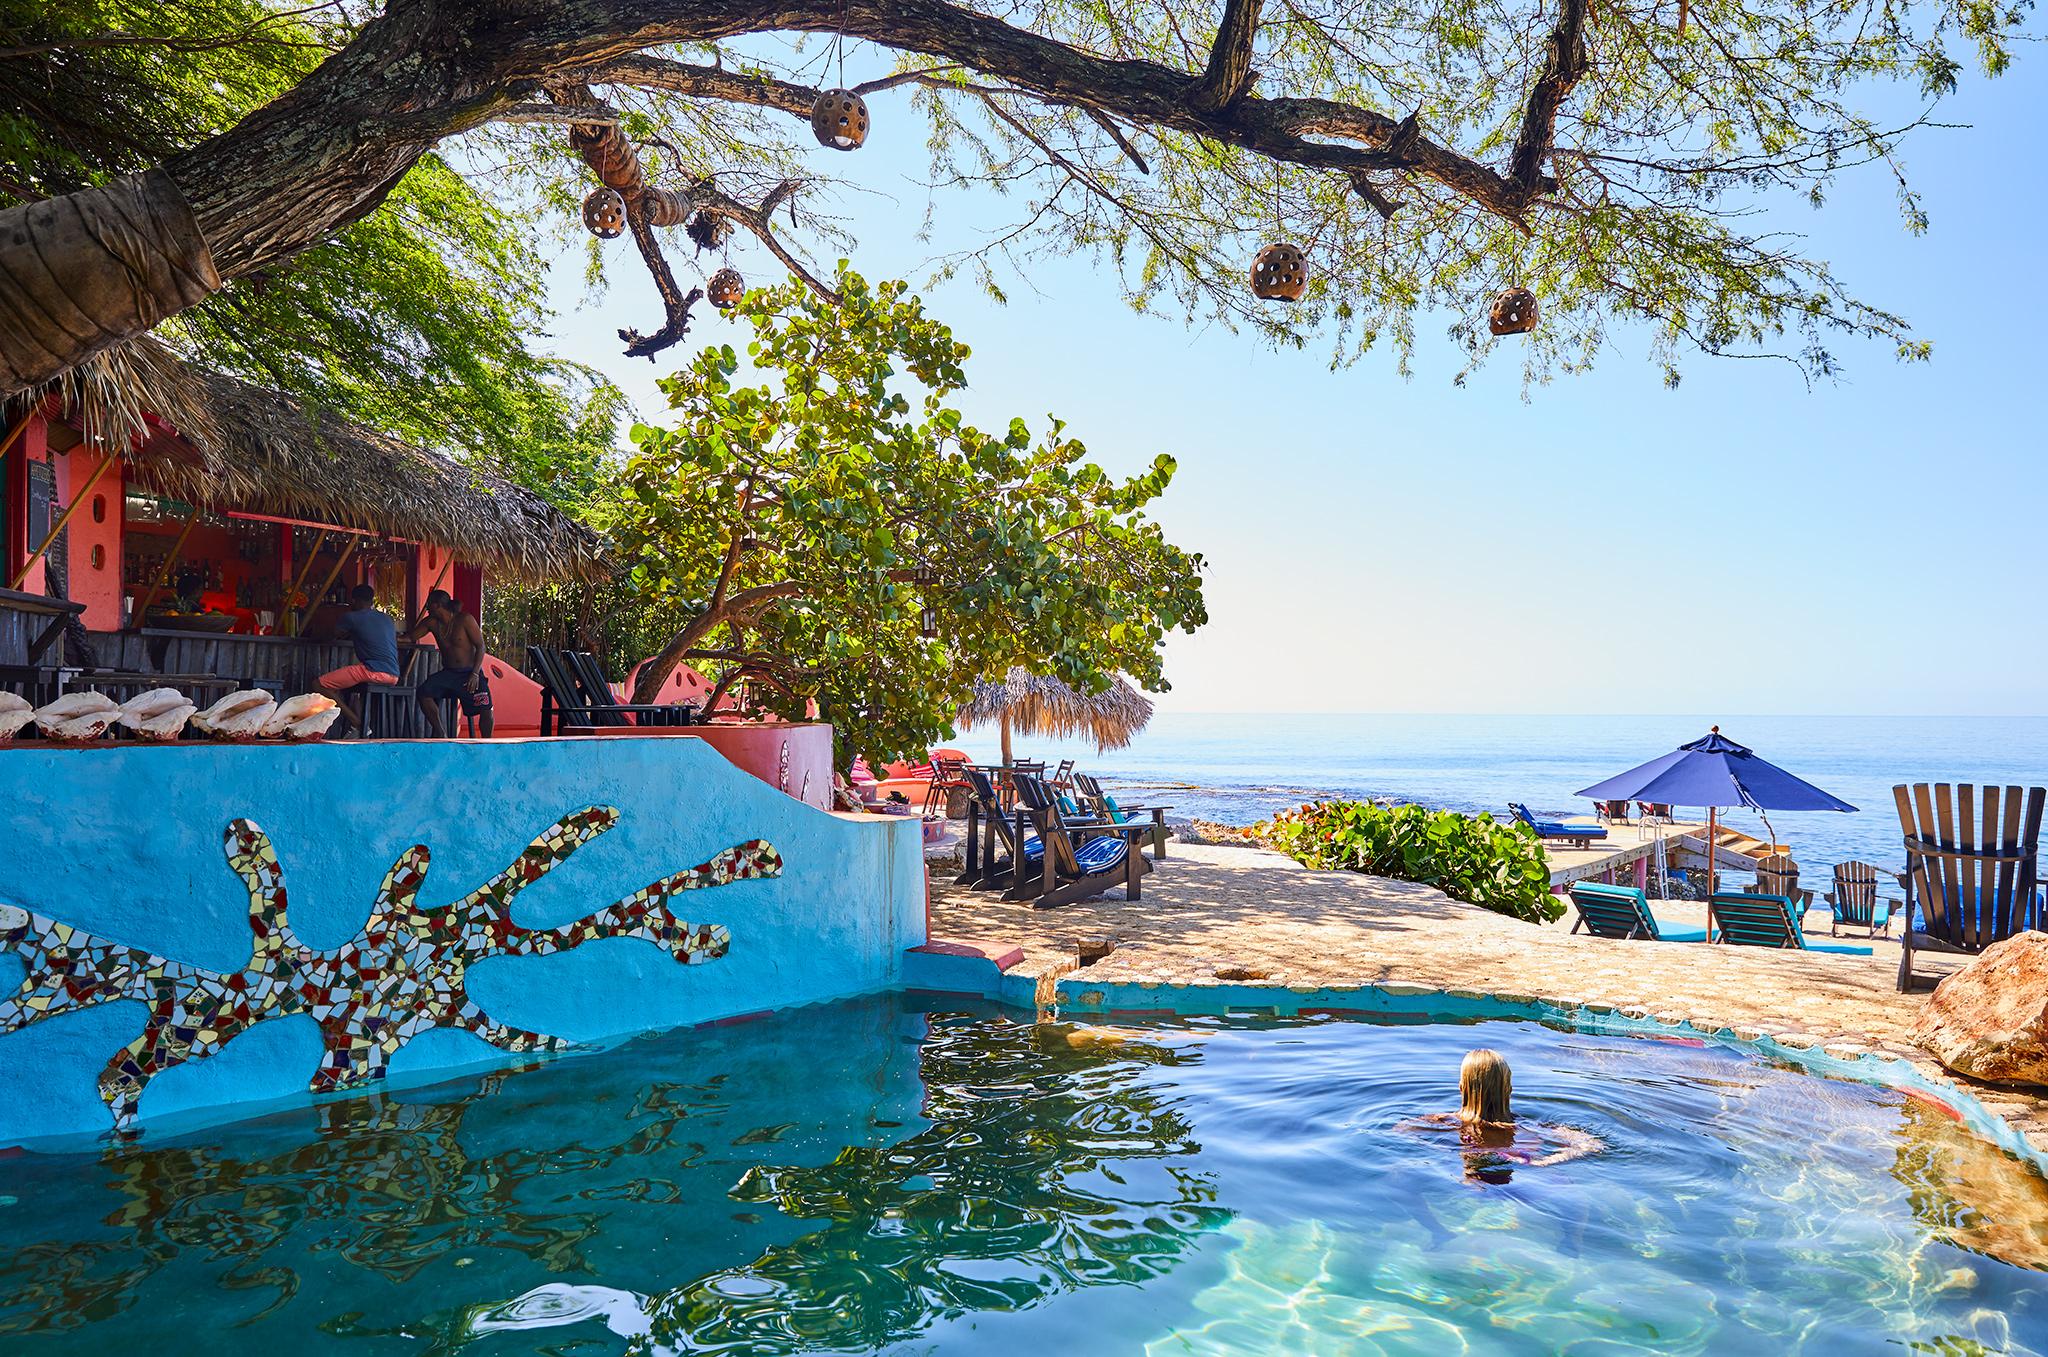 pool; bar; dock & beach.jpg